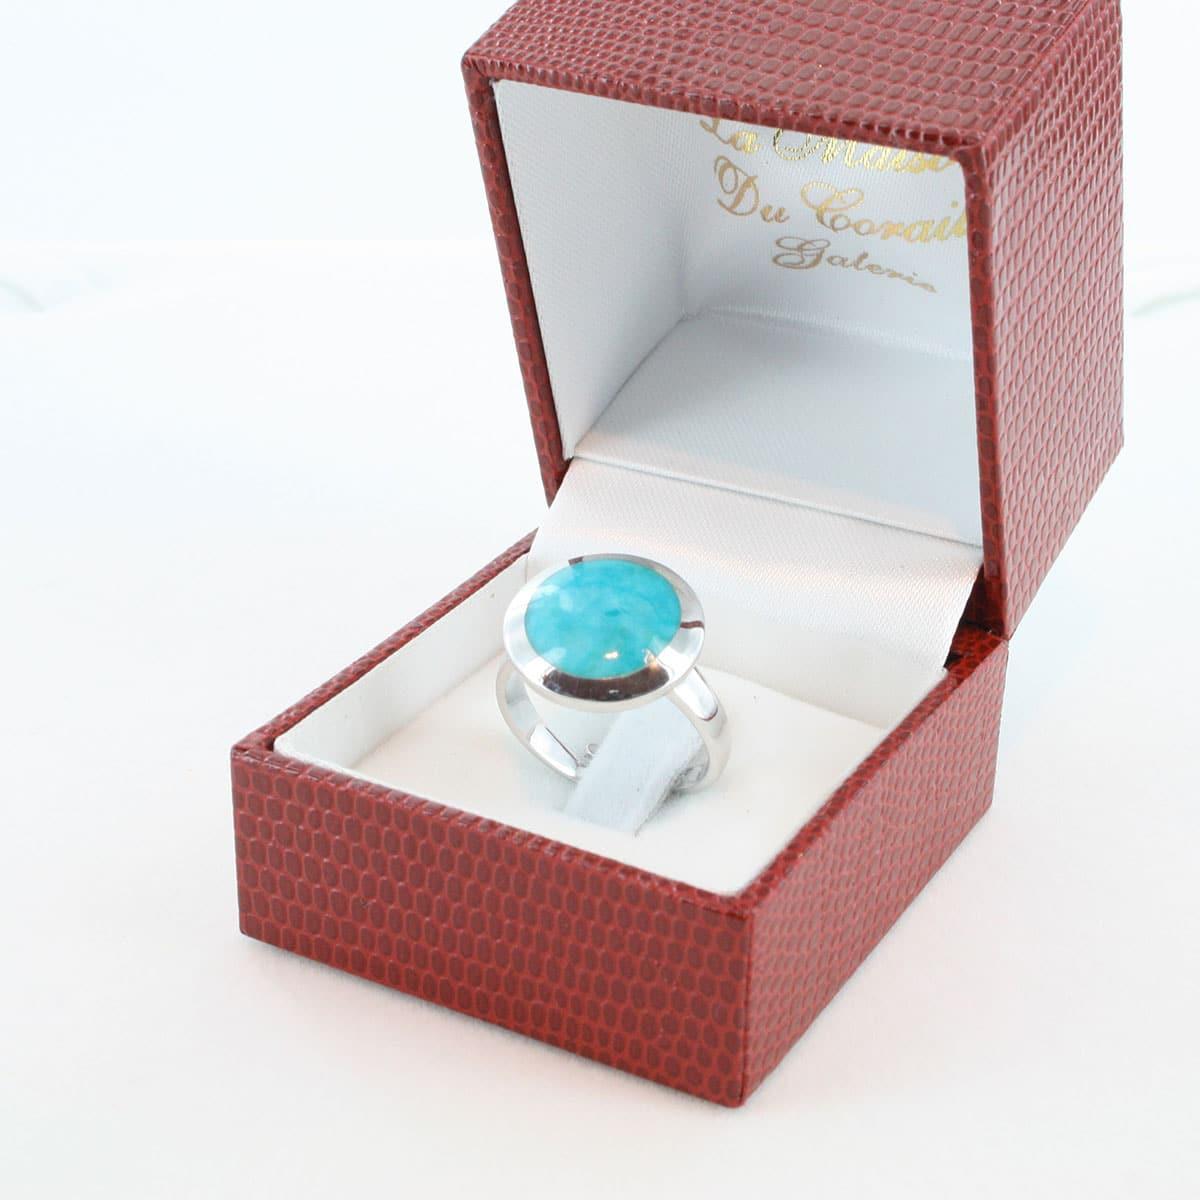 bague en turquoise véritable et argent 925 1000 BA-TU-AR-005